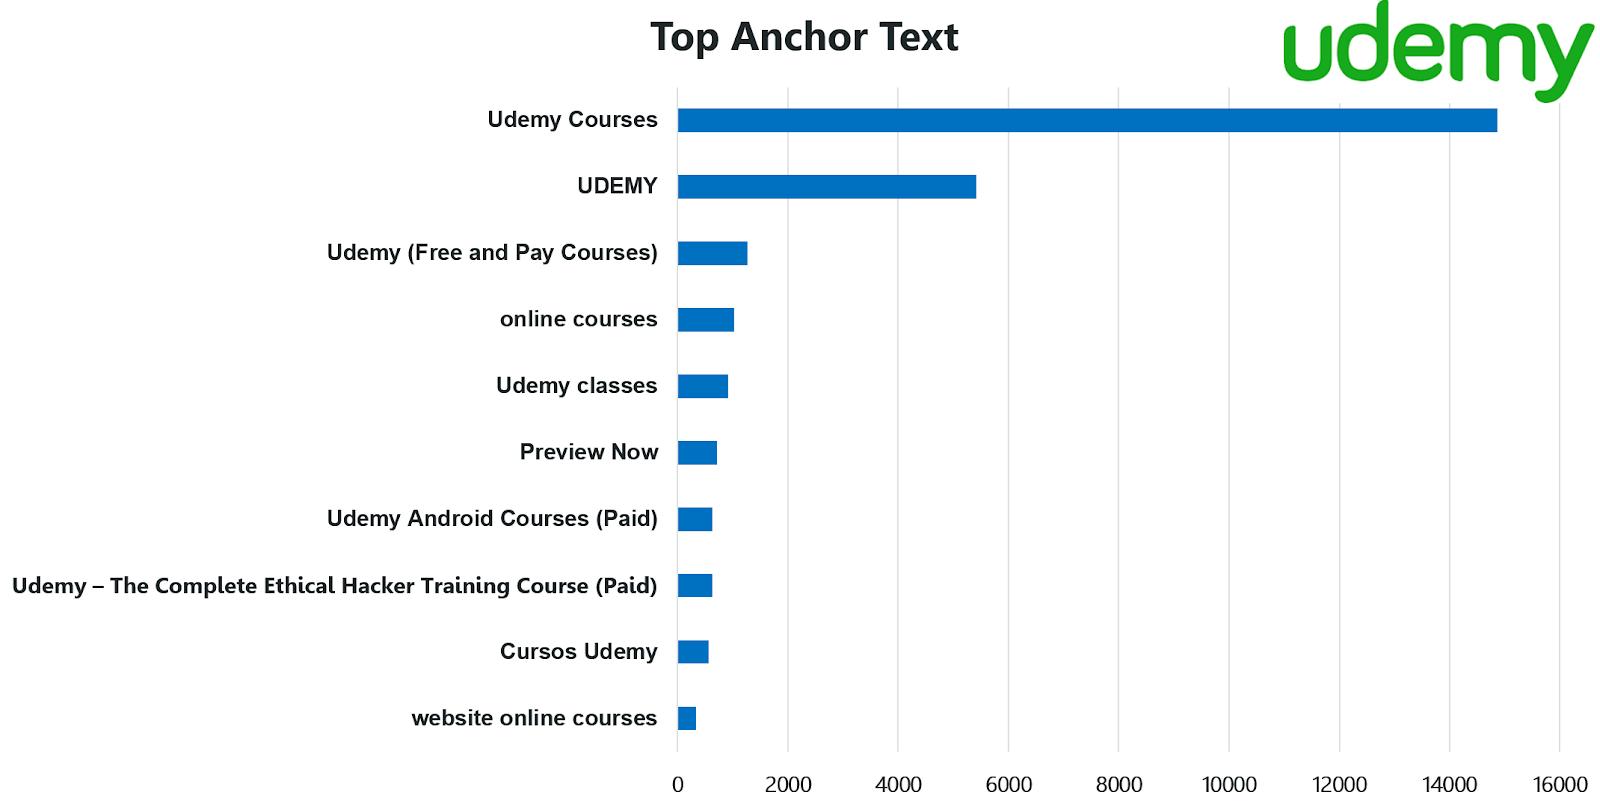 Top Anchor Text